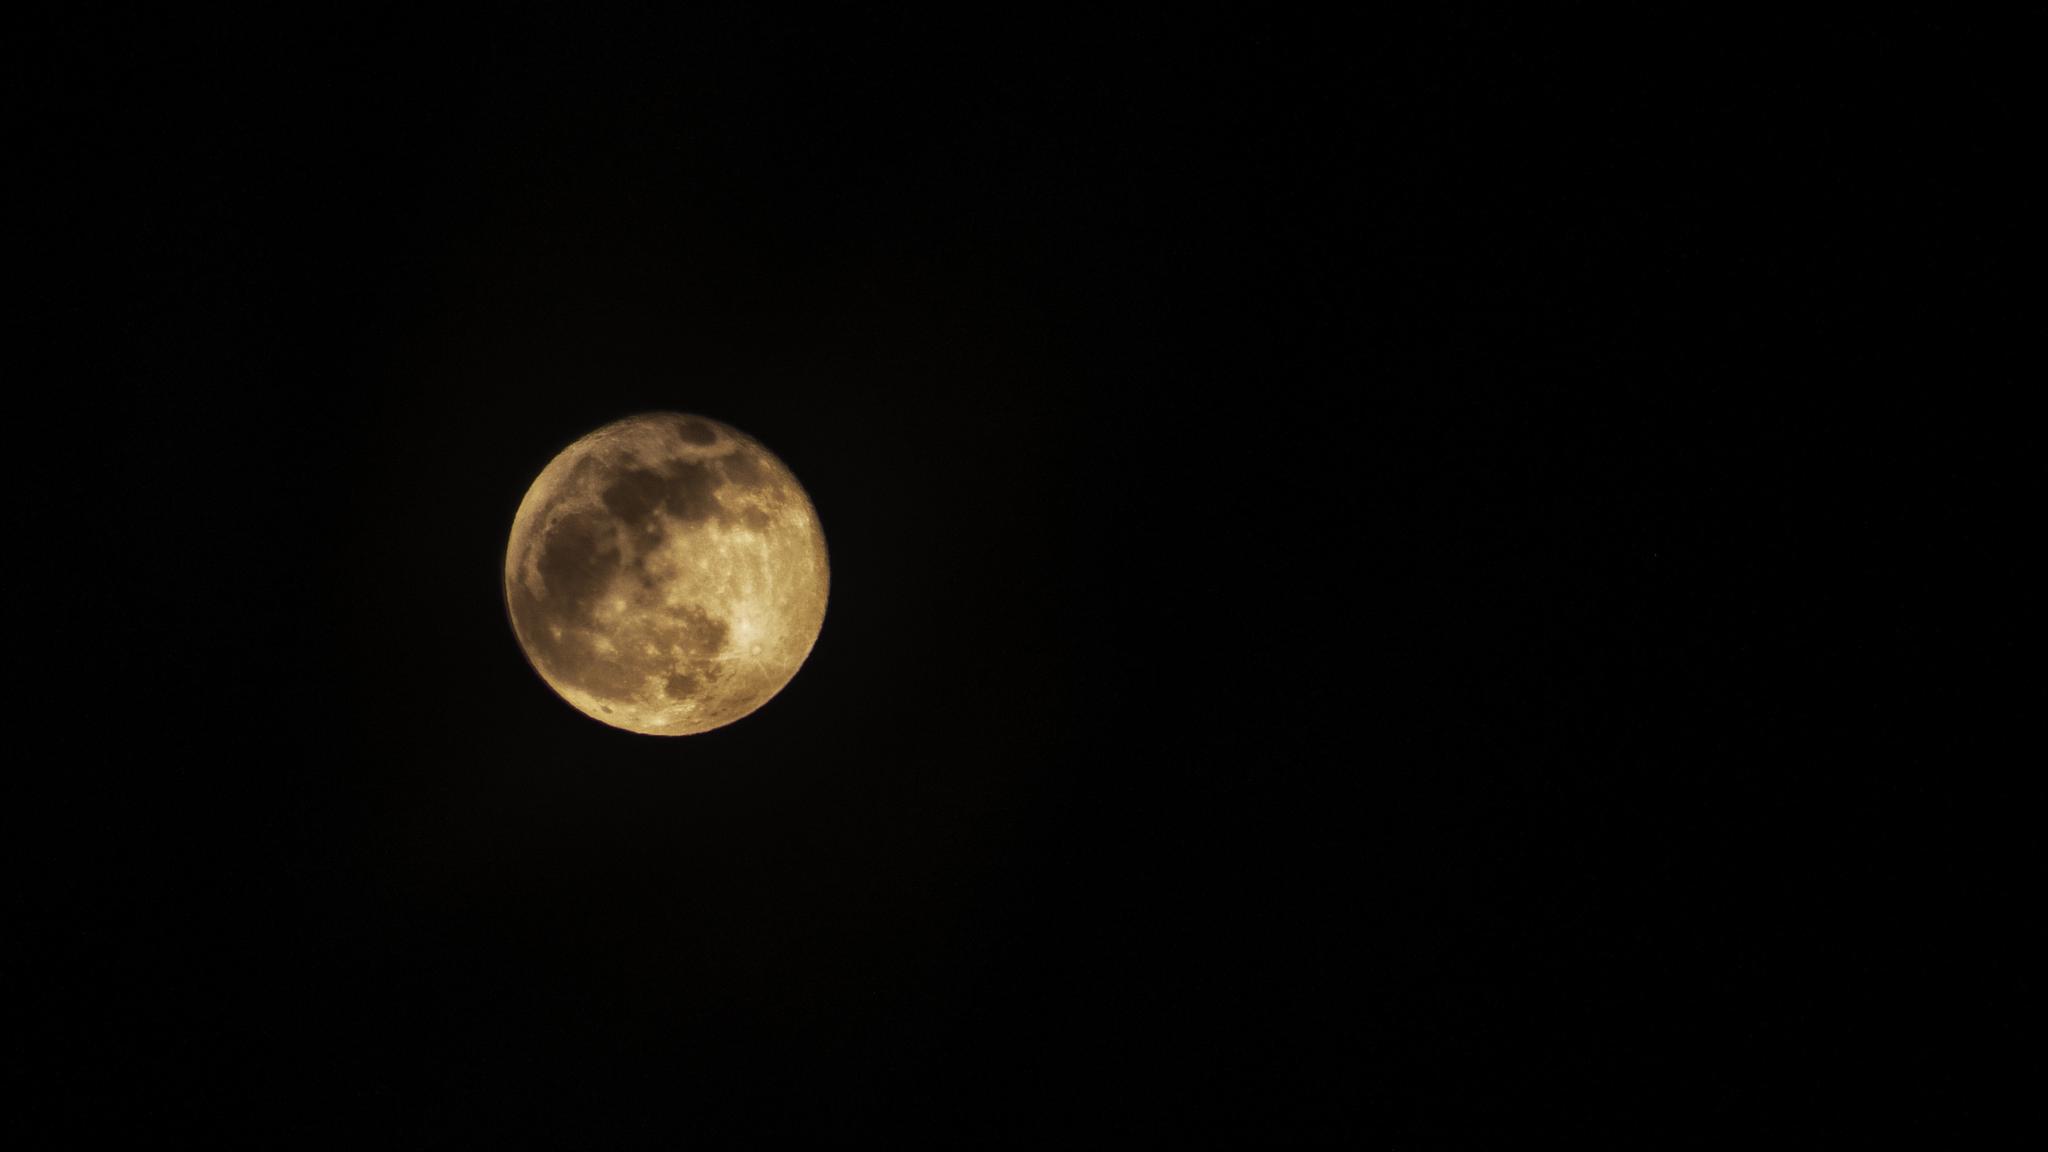 Moon by FoTorsten